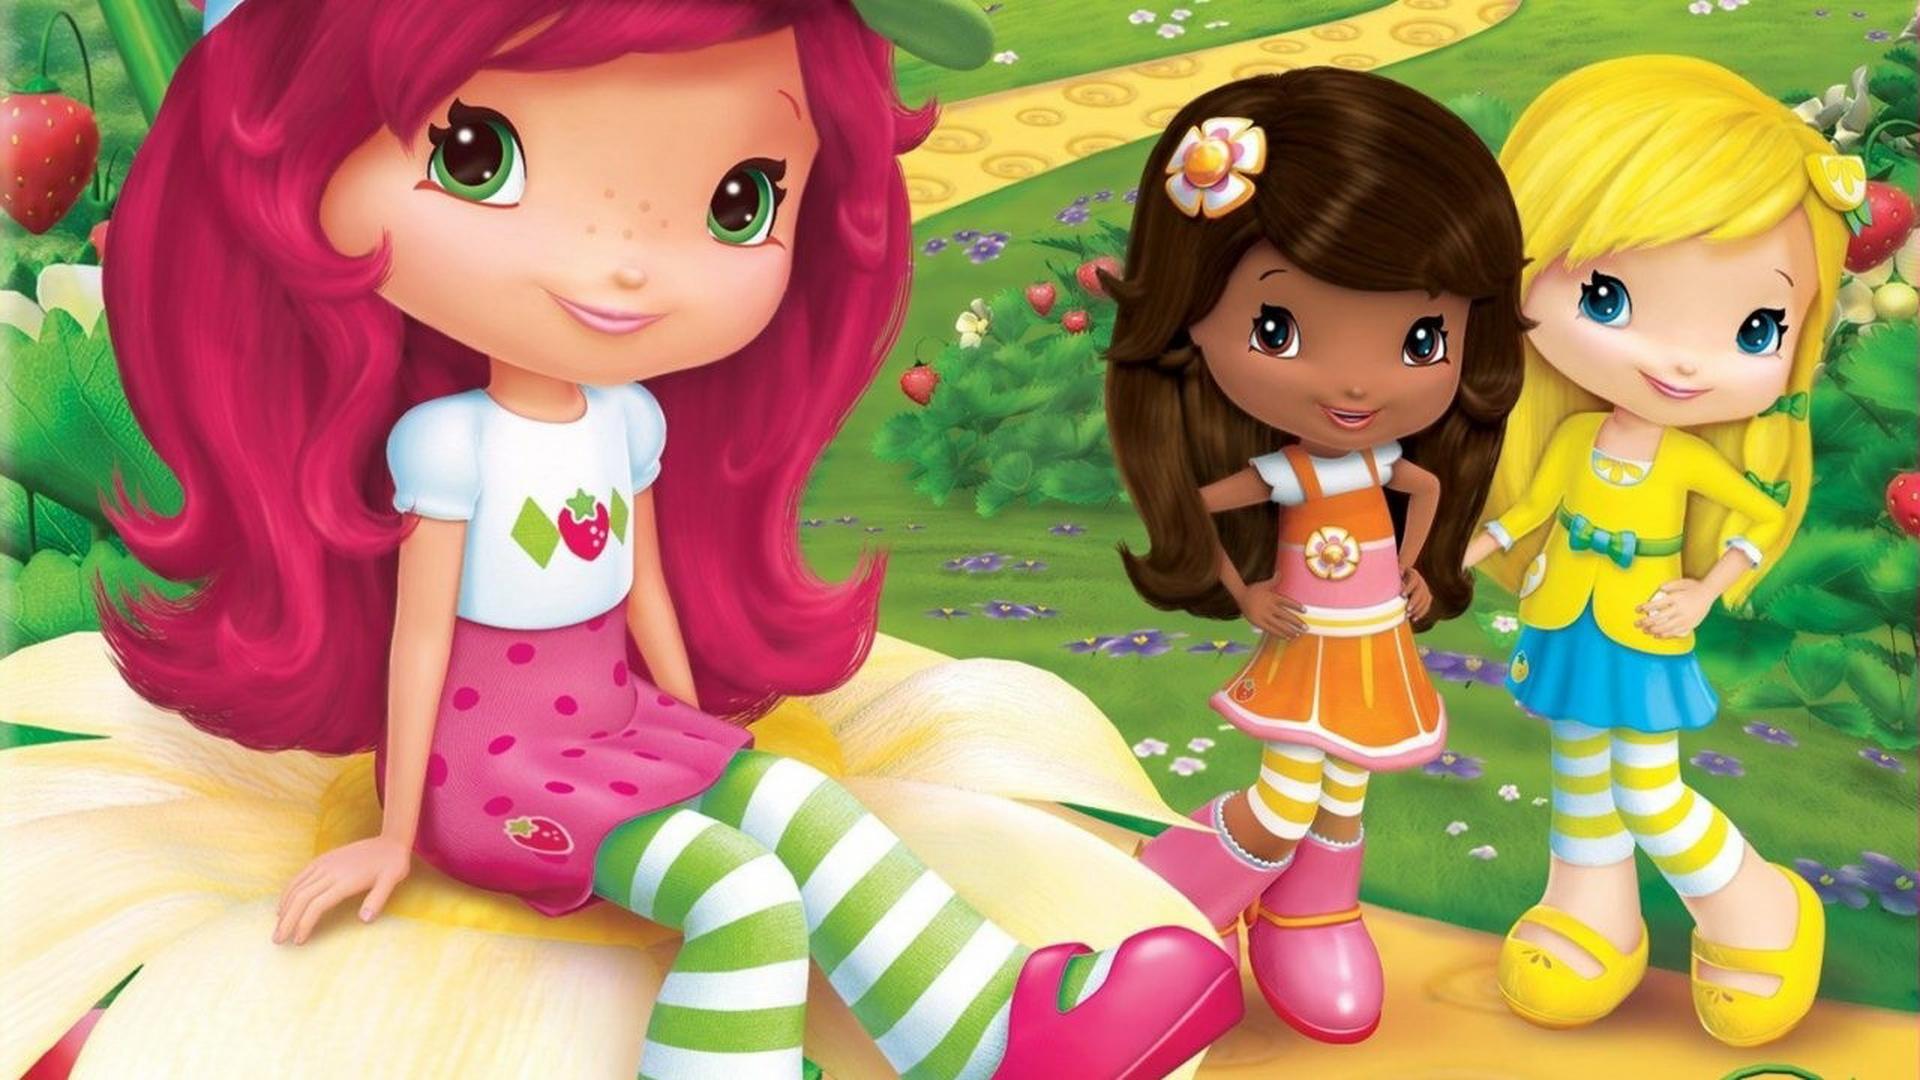 Barbie wallpaper 1920x1080 4207 1920x1080